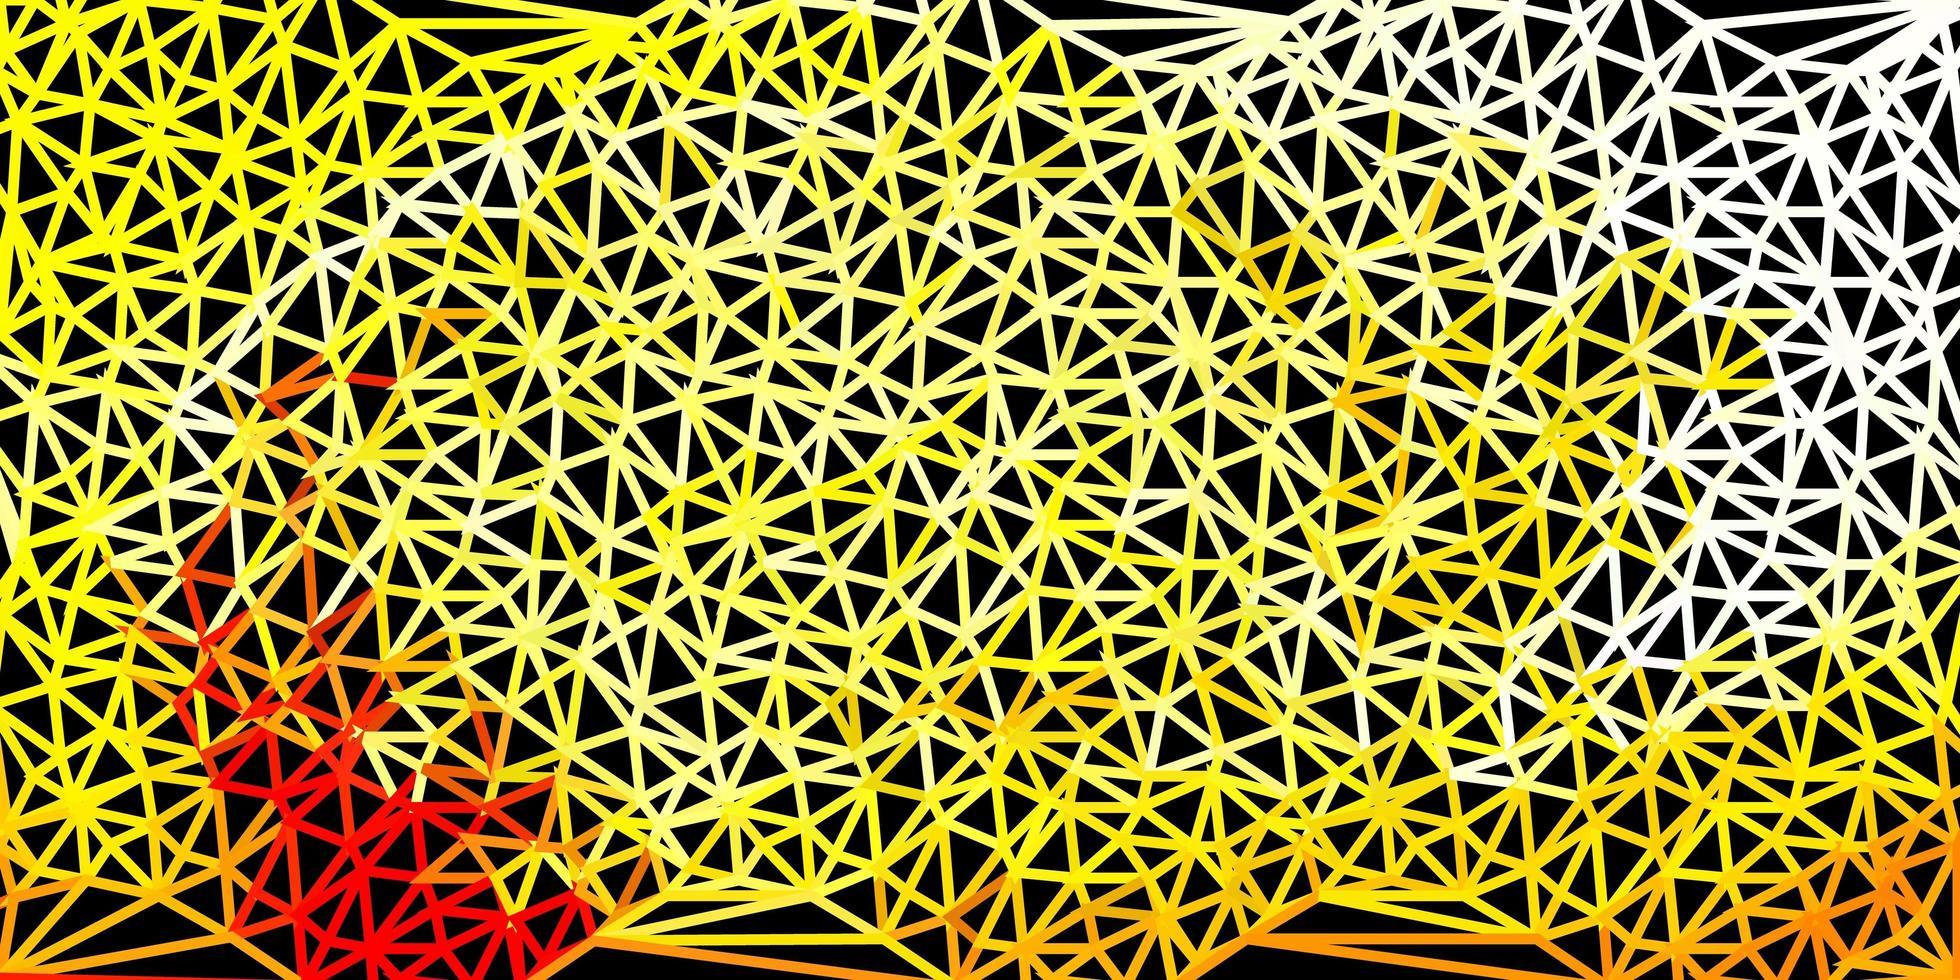 rosso chiaro, giallo triangolo vettore sfondo mosaico.